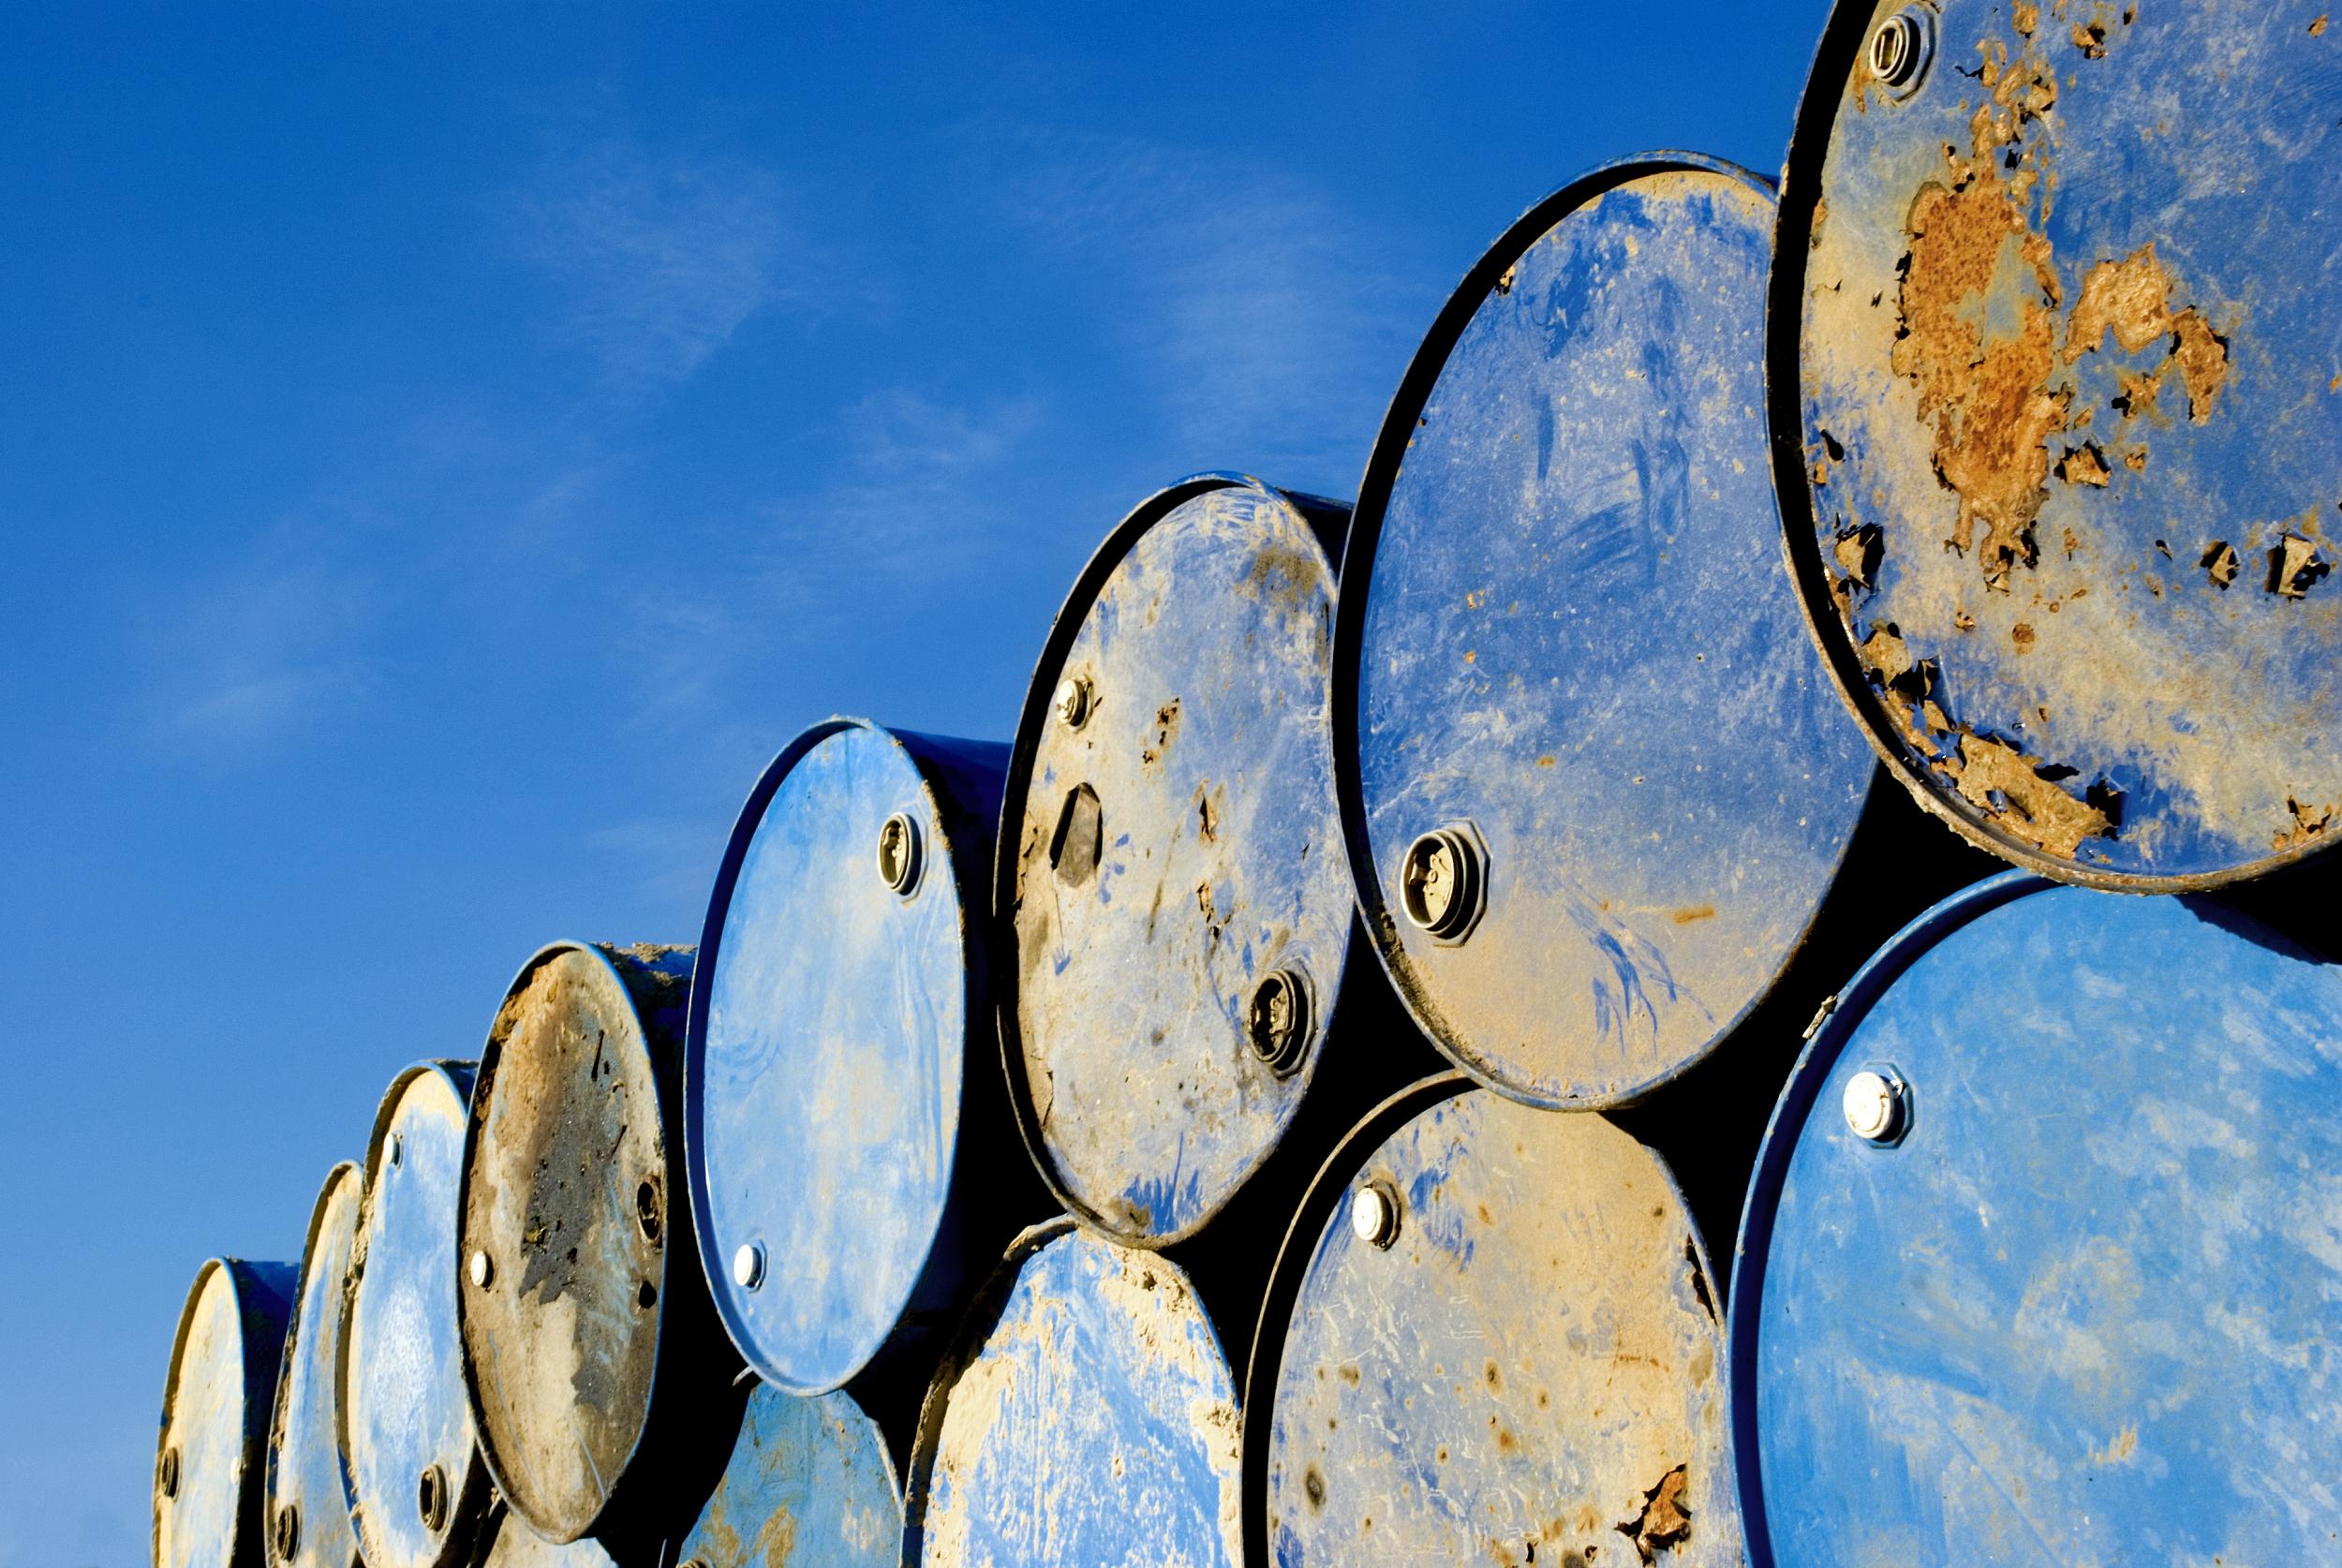 原油盘中跌超3% 俄官员据称透露伊核谈判取得重大突破